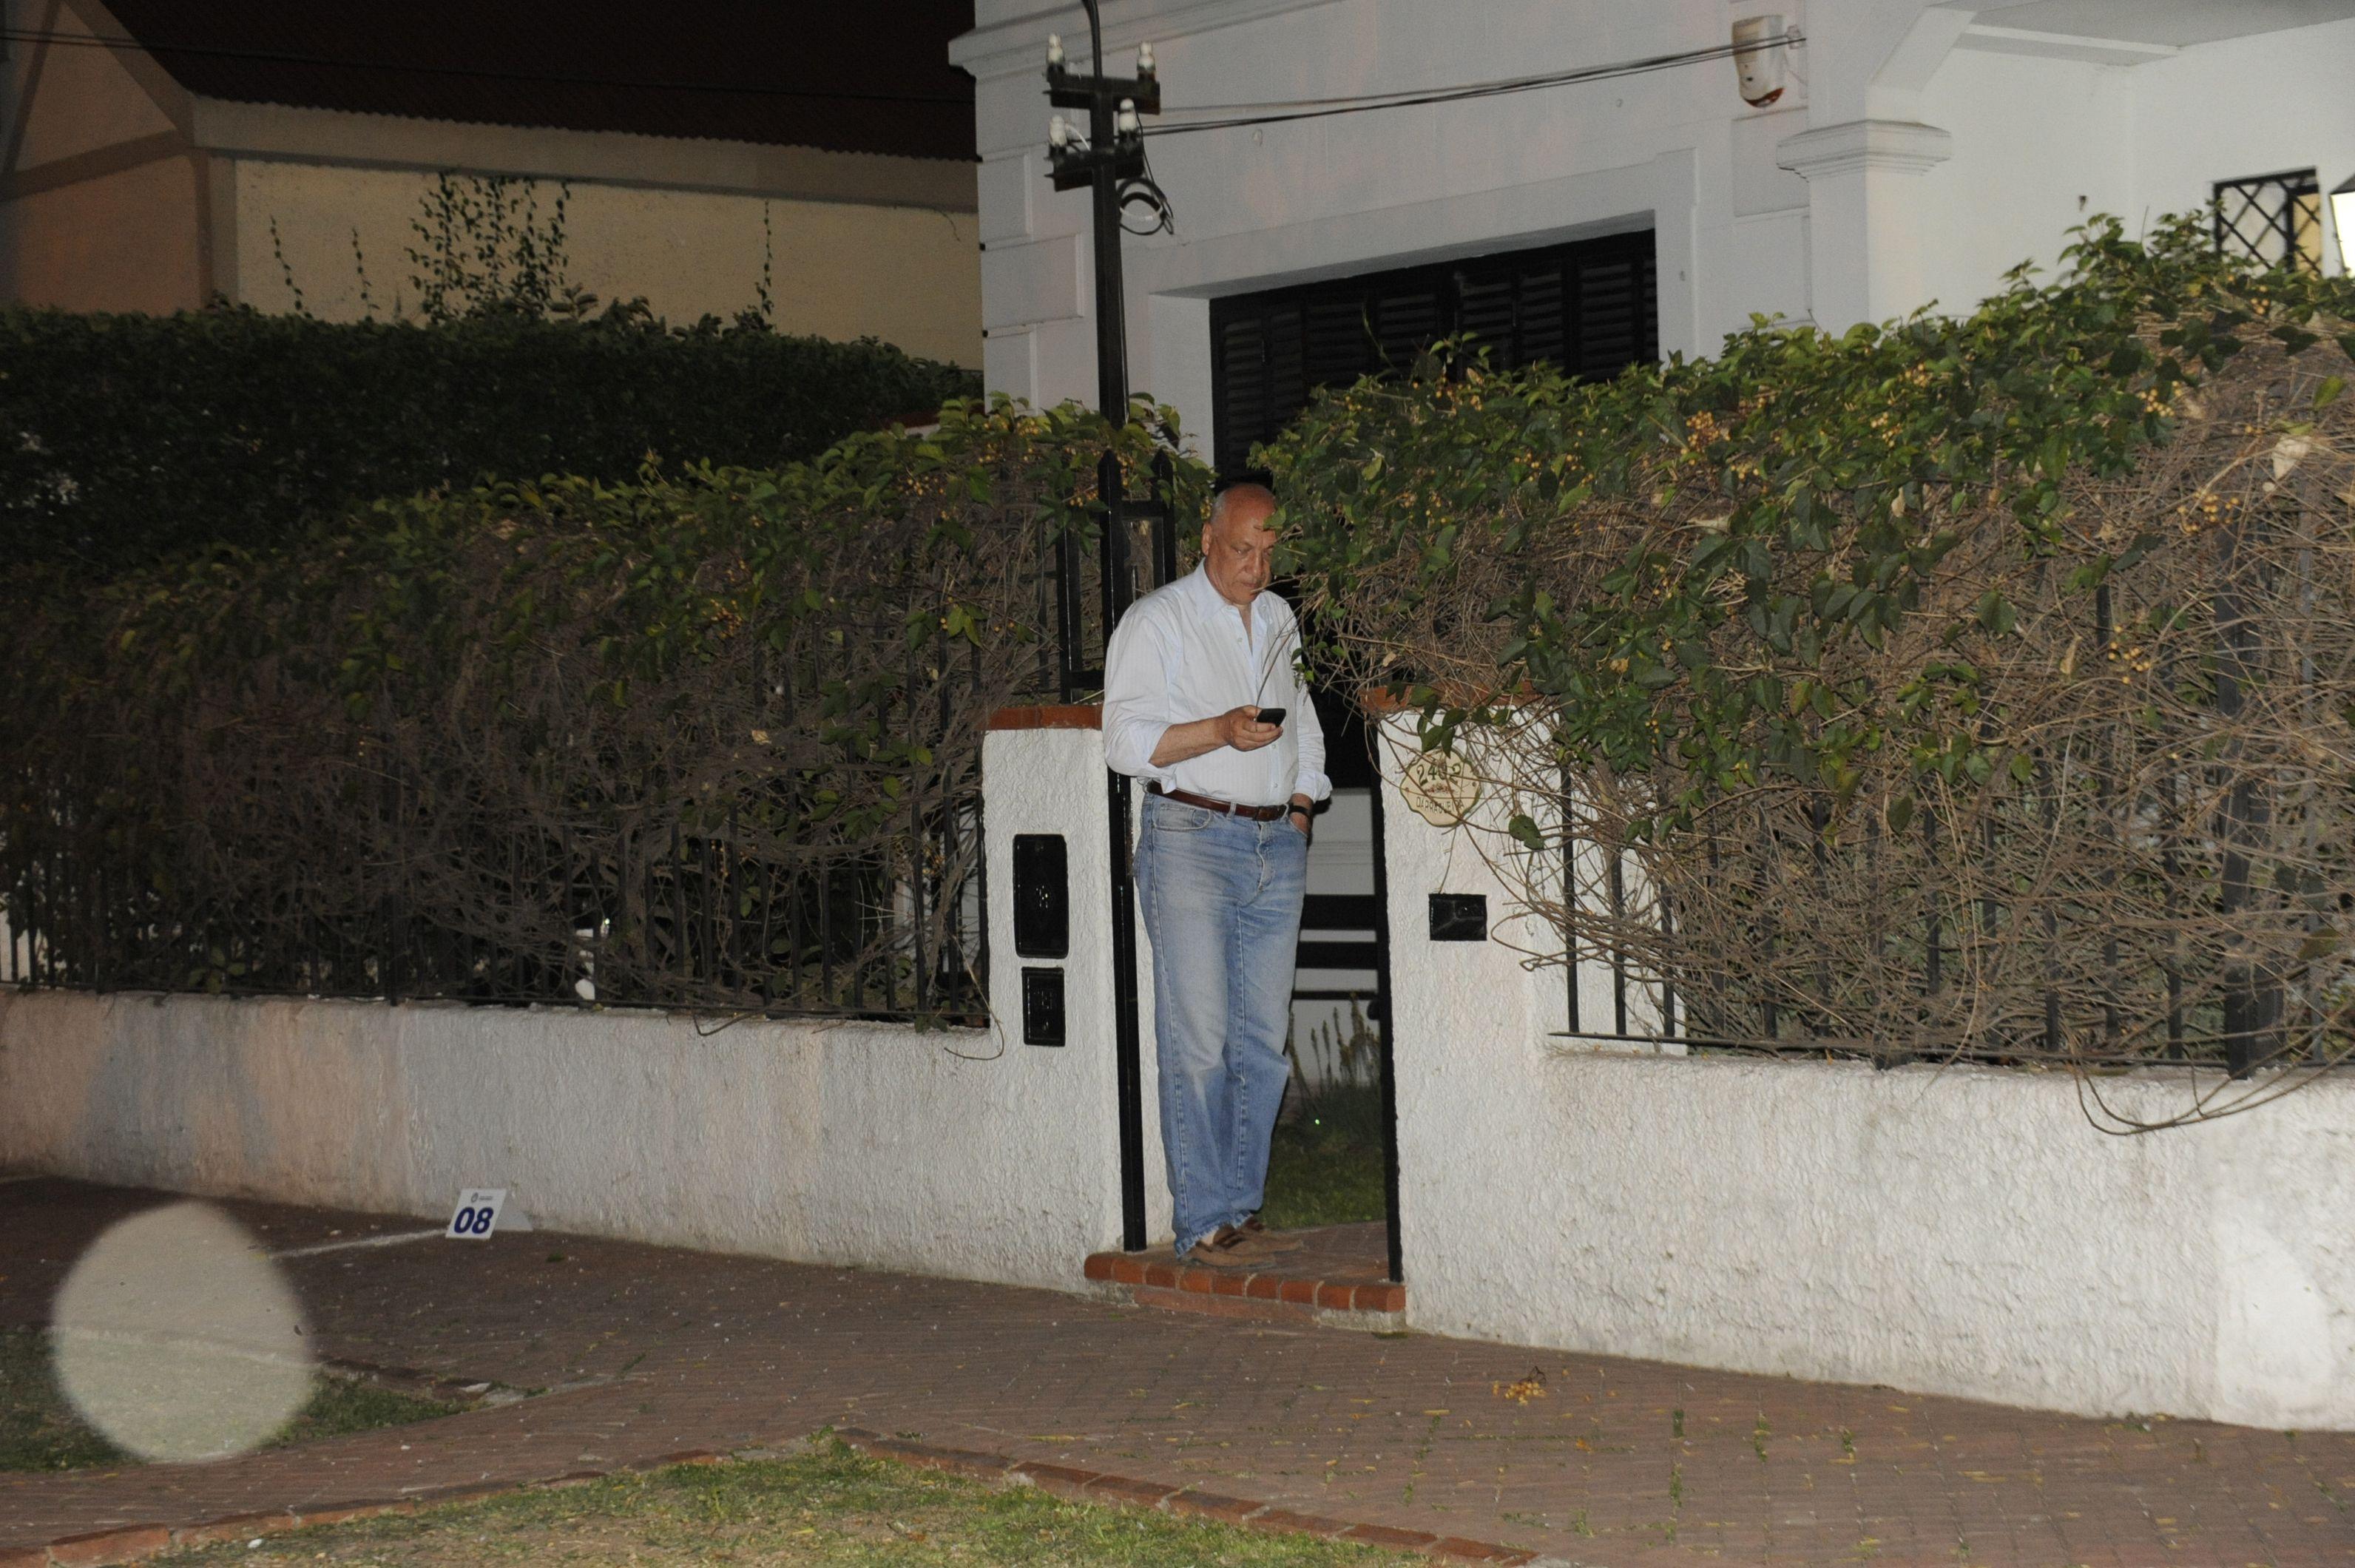 La noche. El gobernador frente a su casa